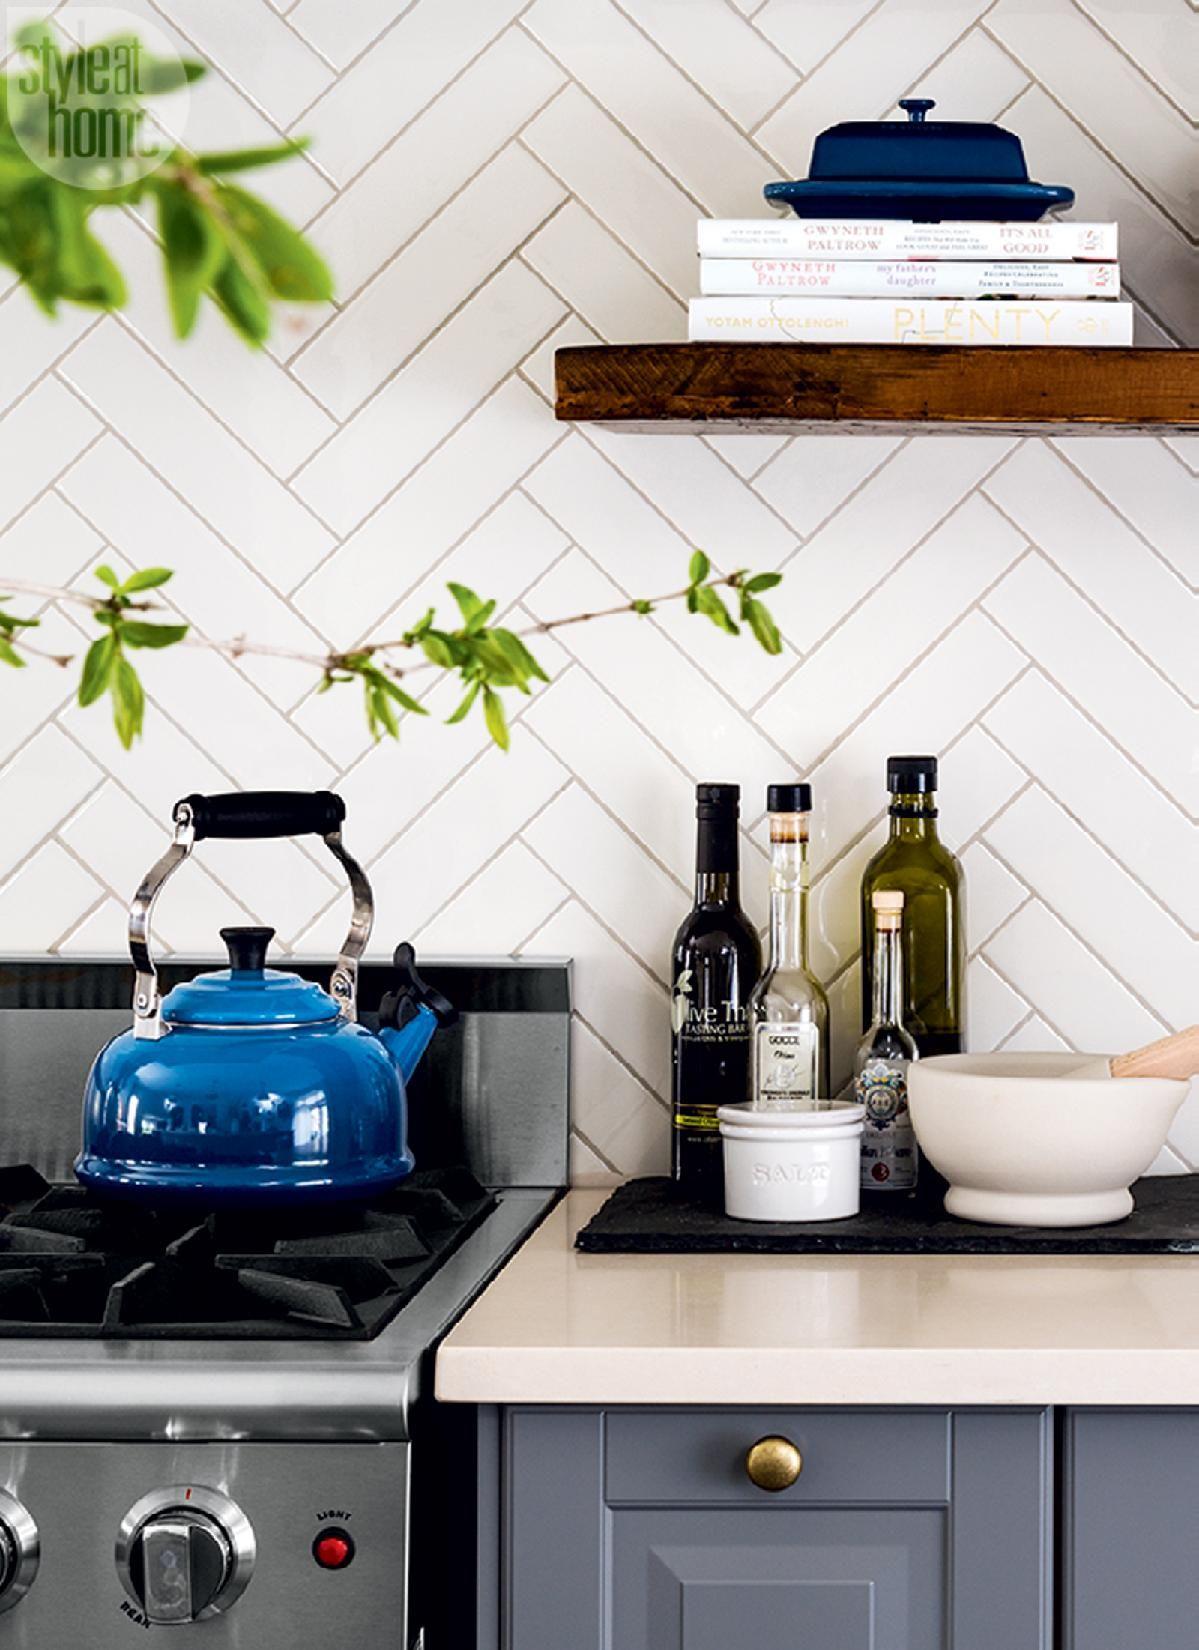 Kitchen | Herringbone backsplash, Herringbone and Porcelain